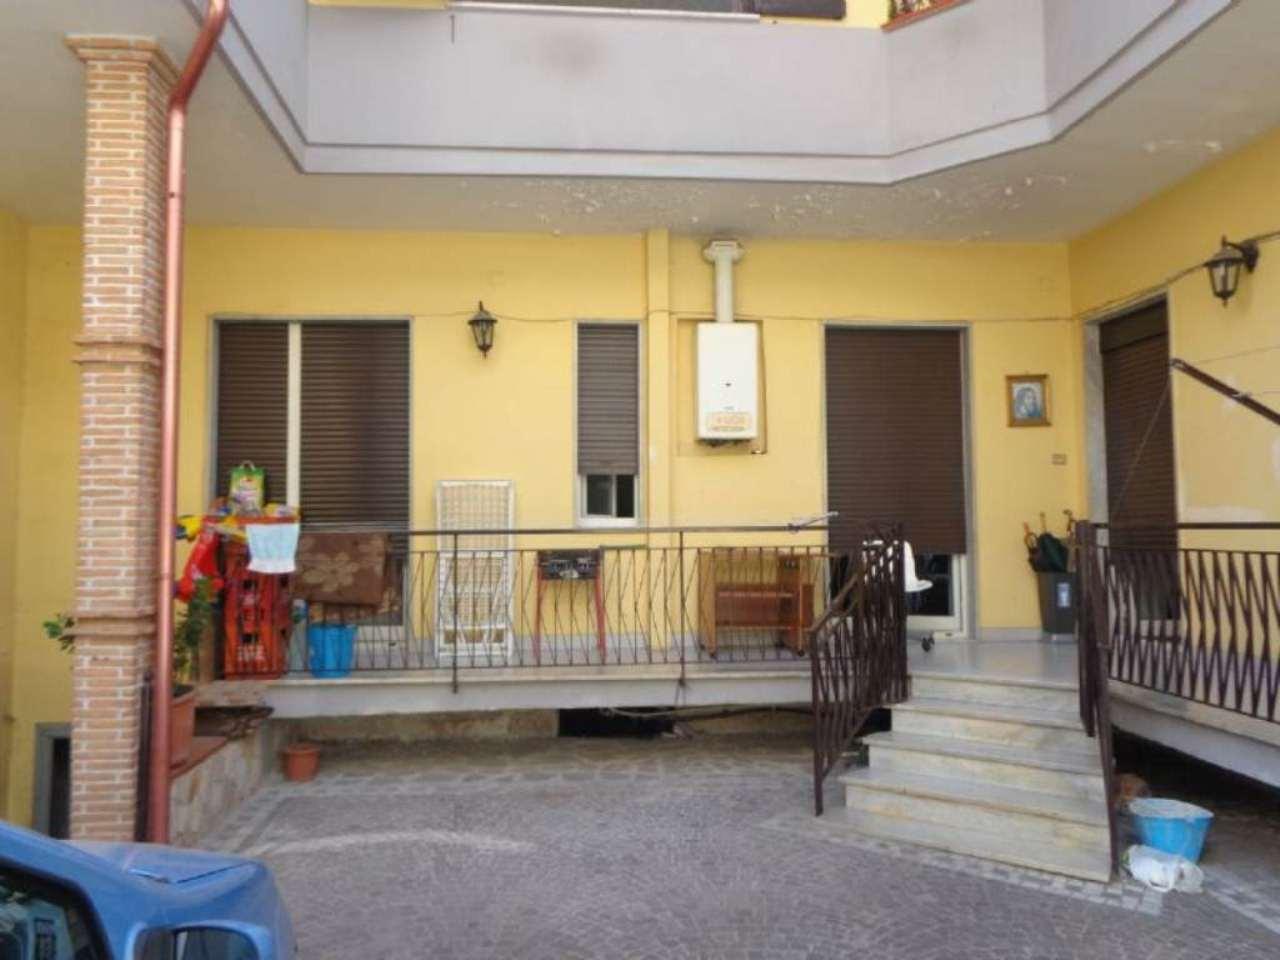 vendita case e appartamenti a marano di napoli